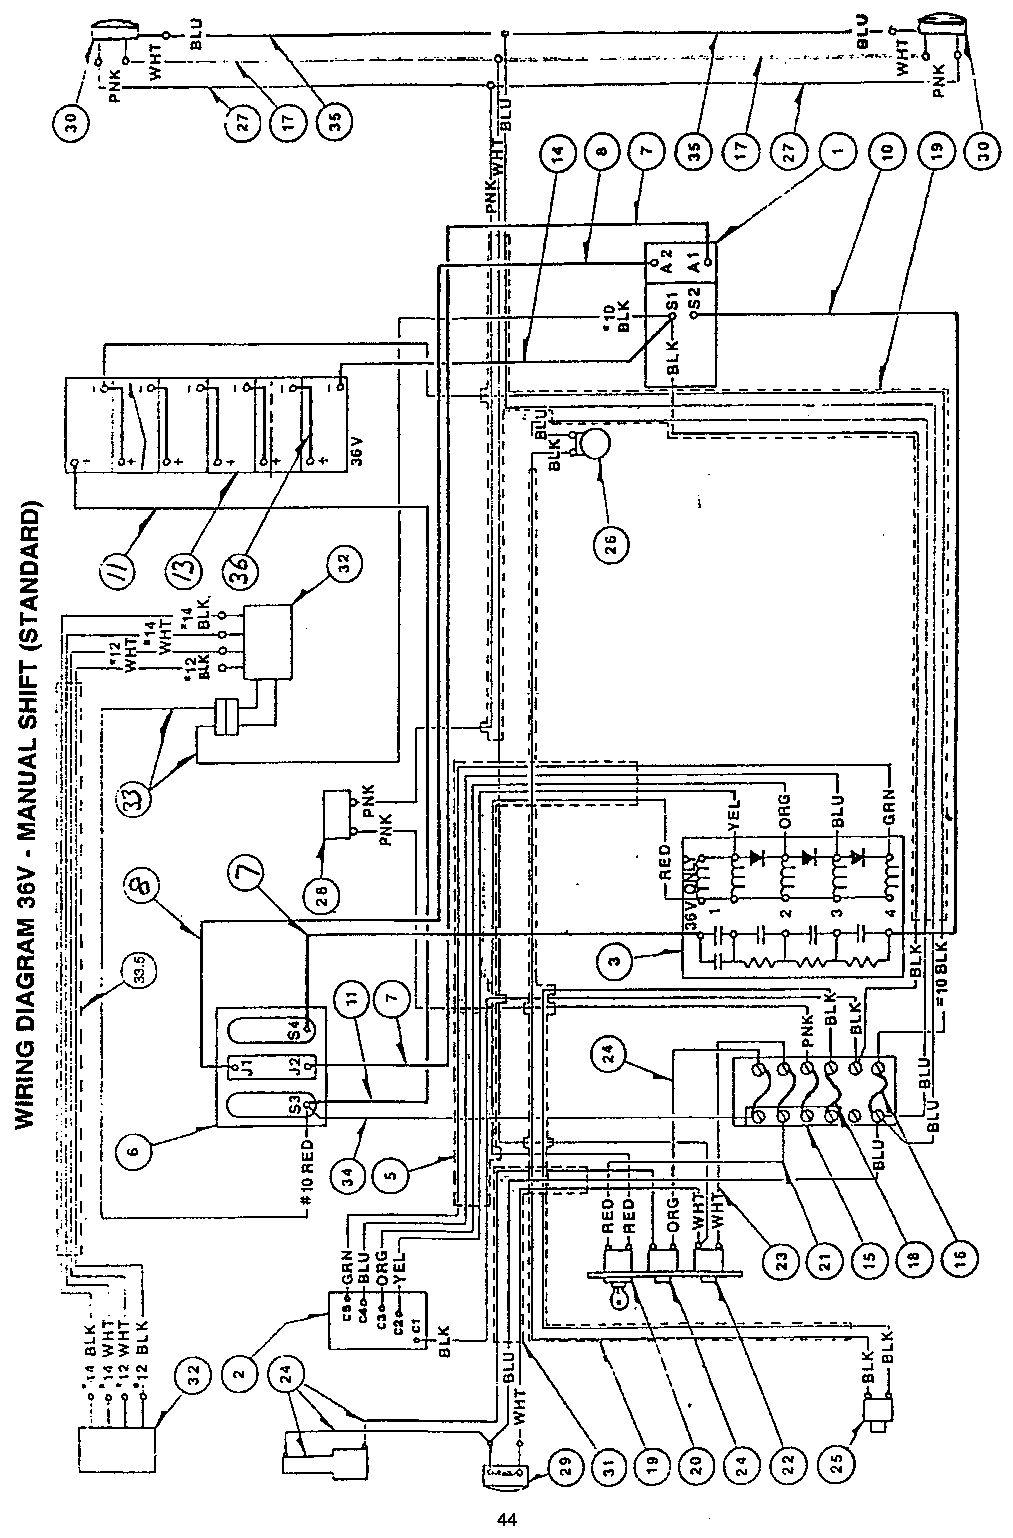 wiring diagram ez go workhorse mc400e